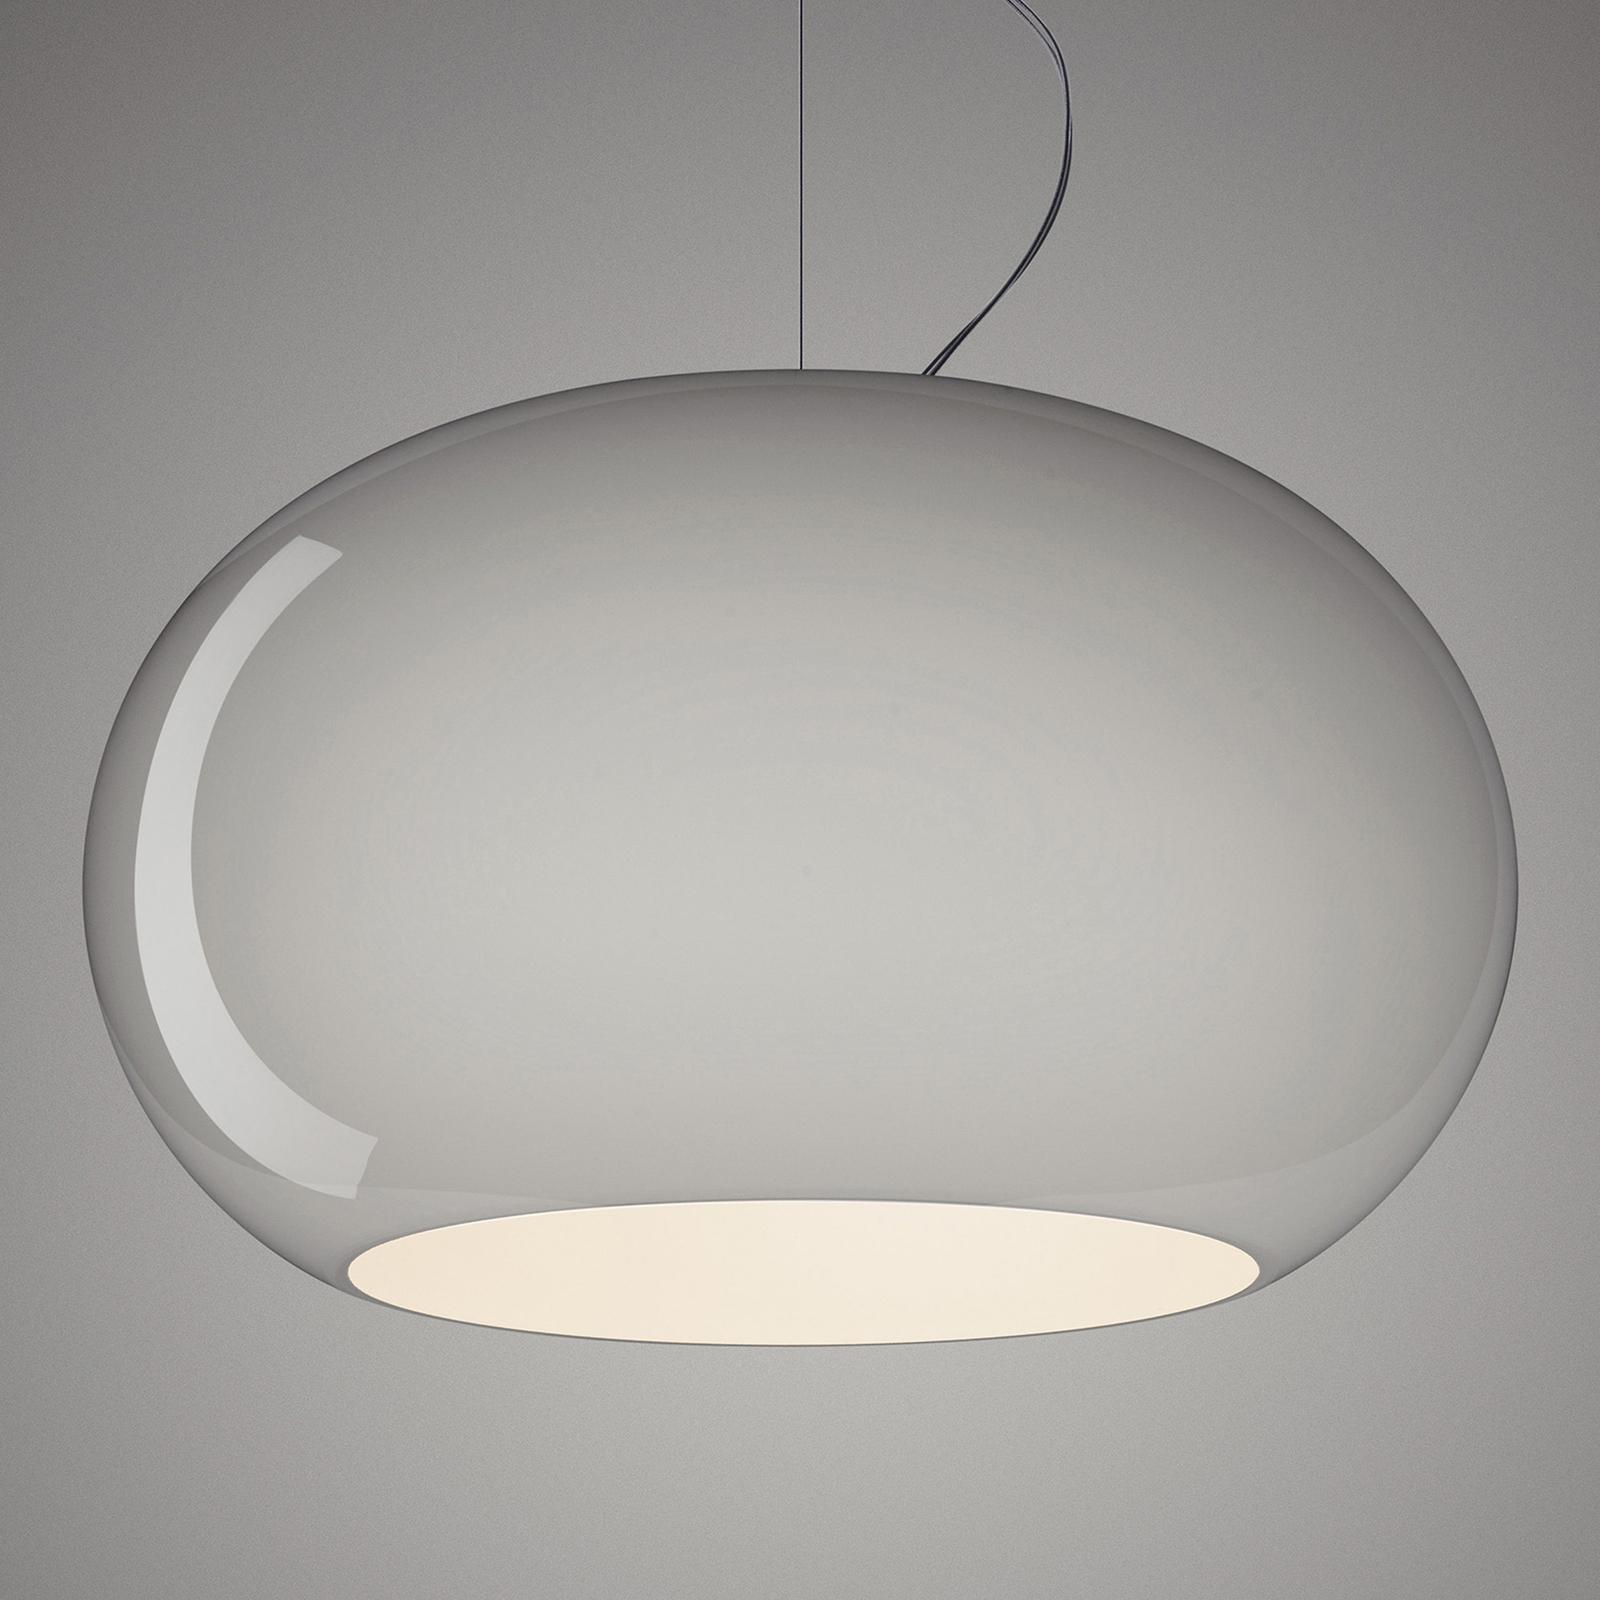 Foscarini Buds 2 LED-Pendelleuchte, E27 grau